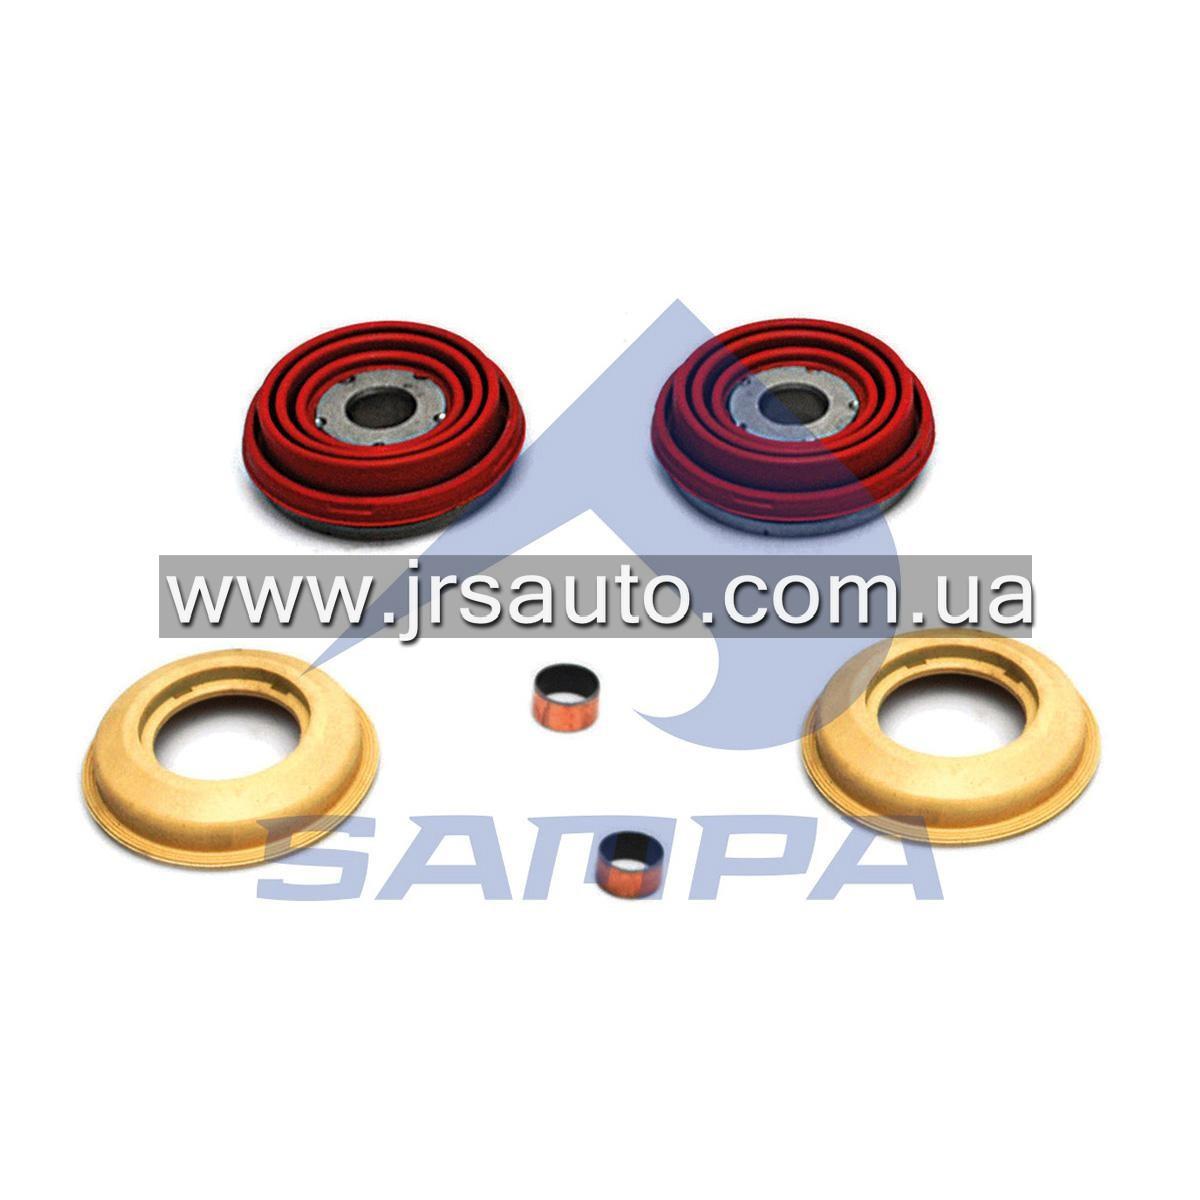 Ремкомплект суппорта KNORR K000944 d74,3 \K000944 \ 095.581